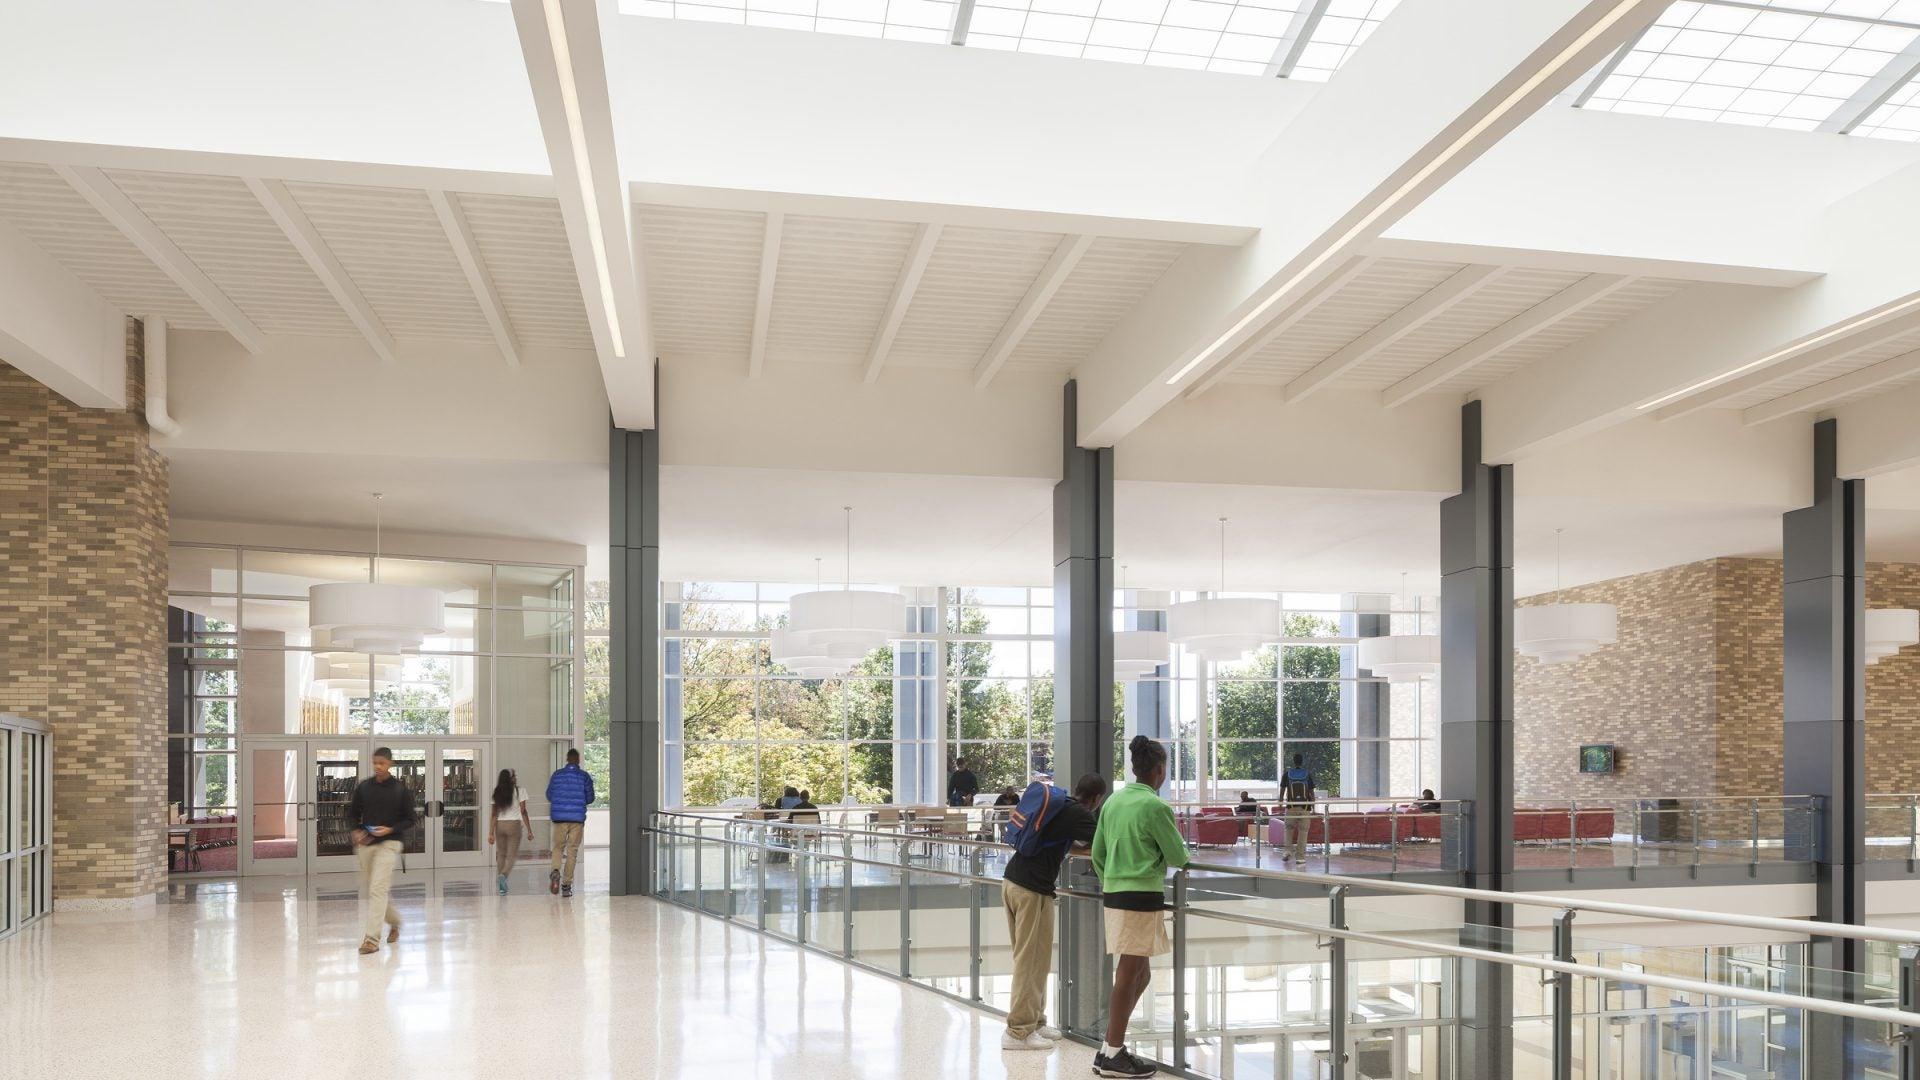 Dunbar High School balcony with window walls and skylights, Washington, D.C.